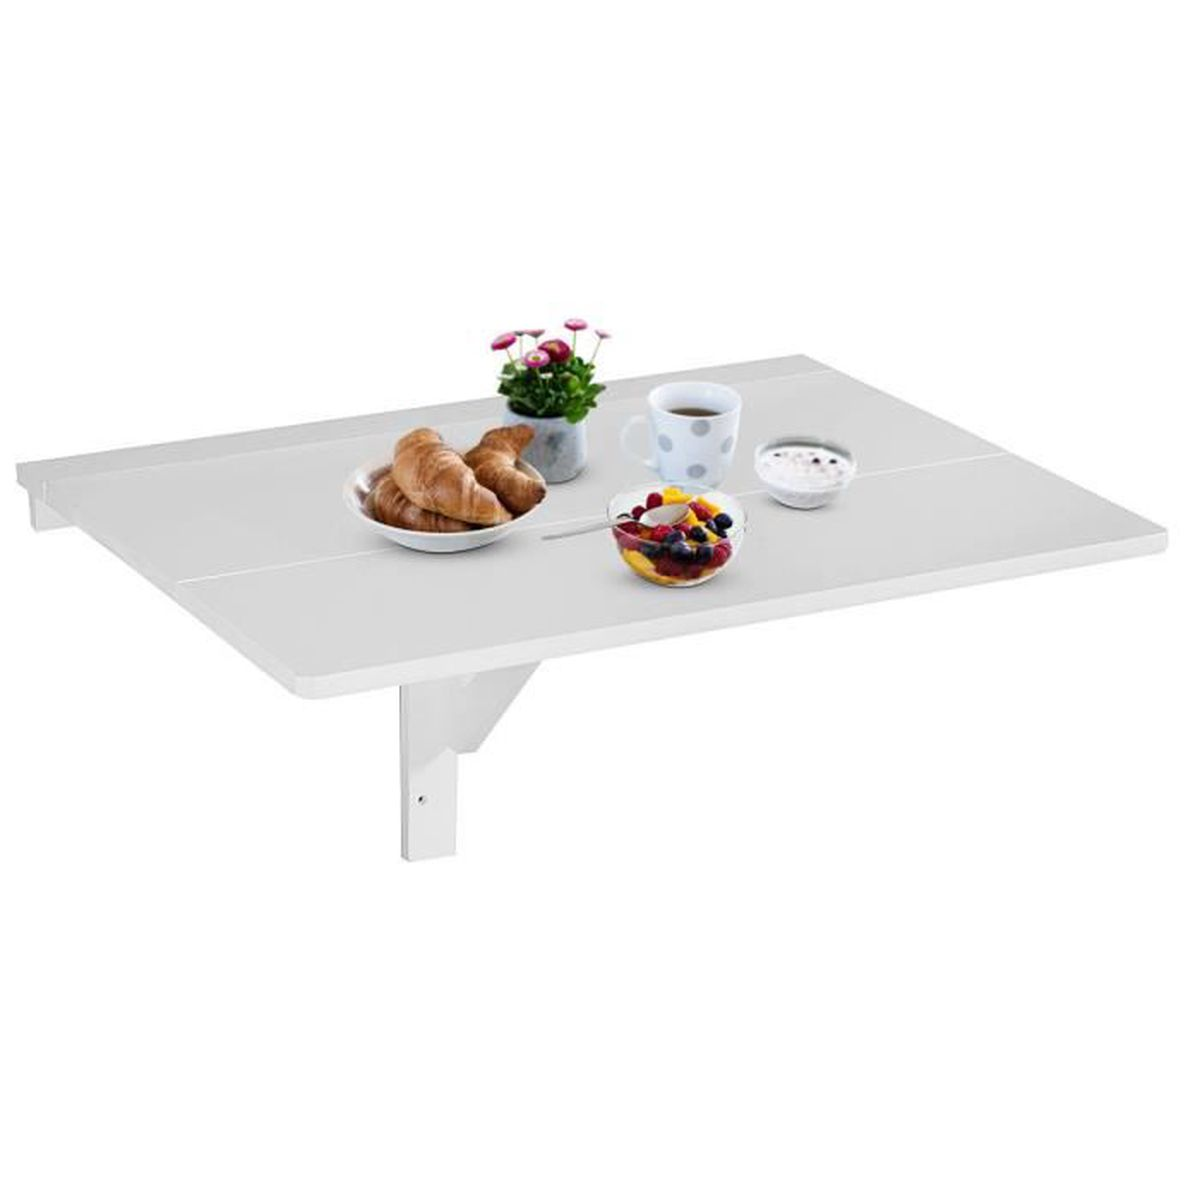 Table Murale Rabattable 80x60x43 Cm Bureau Mural Table De Cuisine Pliante Avec Support En Bois Pour Salle à Manger Chambre Salon